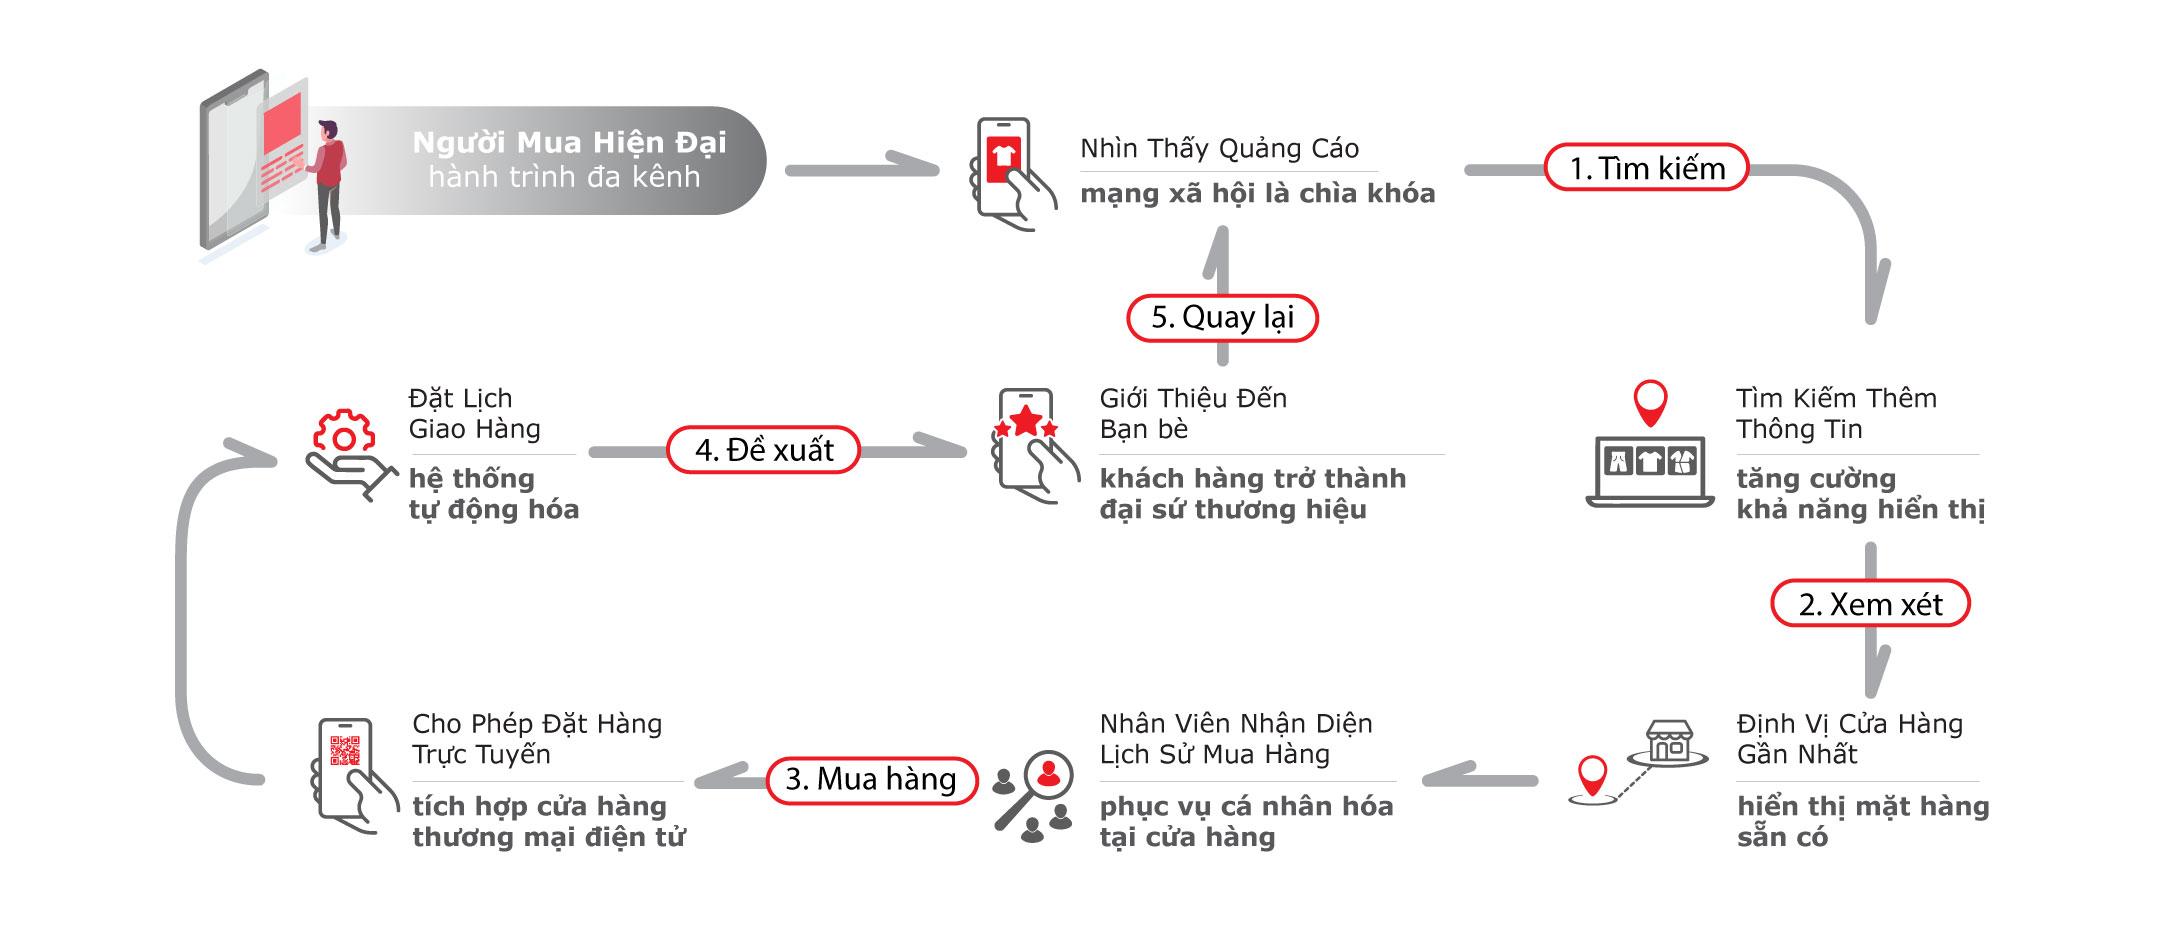 Customer-Journey-(-VNI-)